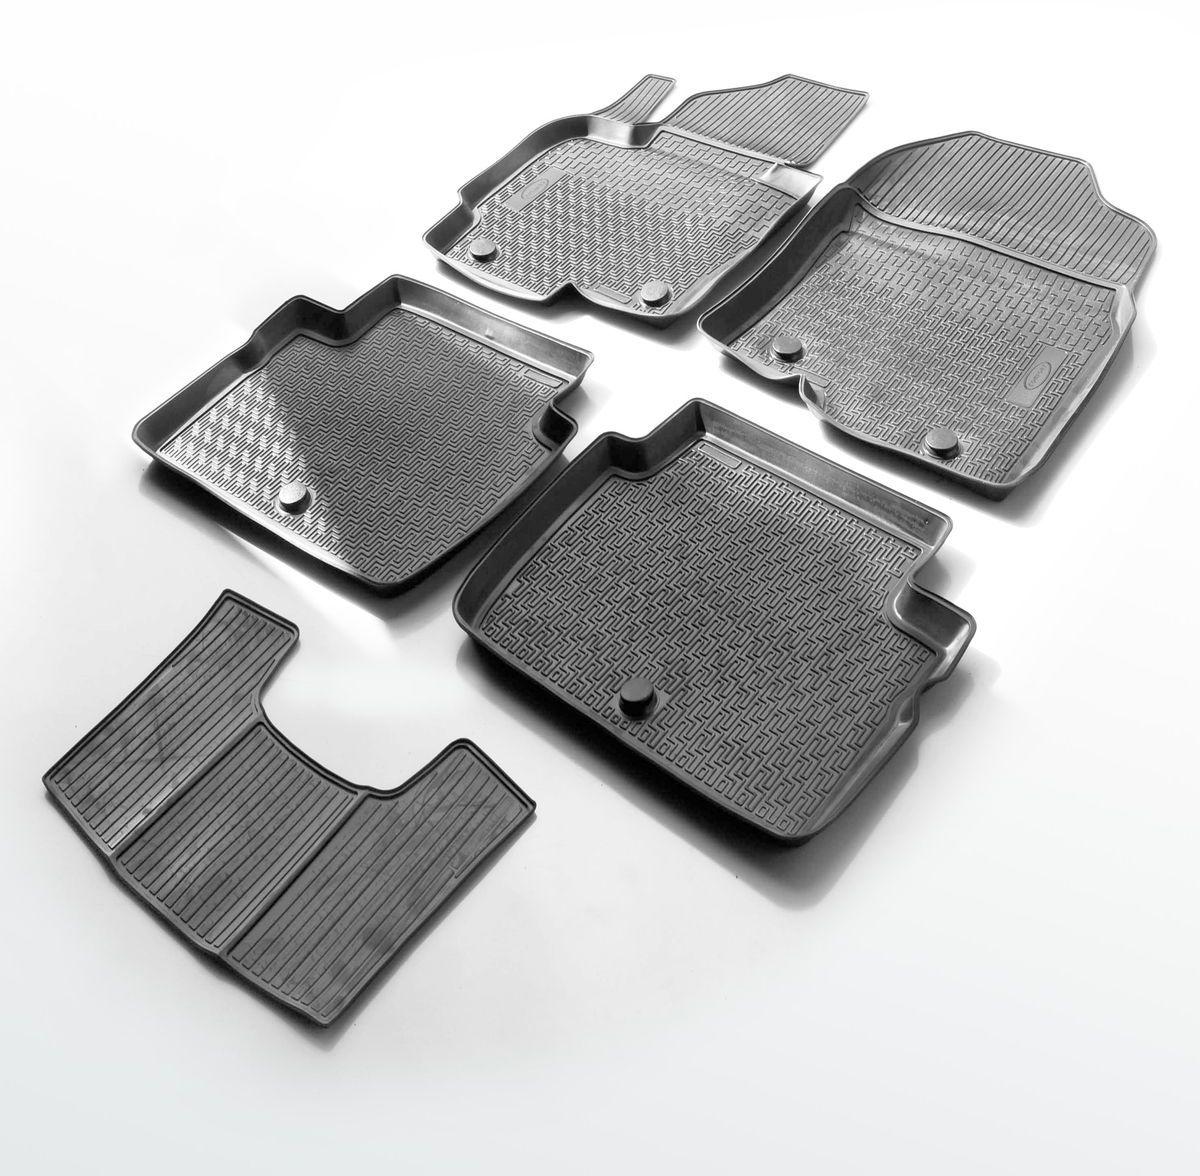 Ковры салона Rival для Opel Antara 2010-, 4 шт + перемычка0014201001Автомобильные ковры салона Rival Прочные и долговечные ковры в салон автомобиля, изготовлены из высококачественного и экологичного сырья, полностью повторяют геометрию салона вашего автомобиля. - Надежная система крепления, позволяющая закрепить коврик на штатные элементы фиксации, в результате чего отсутствует эффект скольжения по салону автомобиля. - Высокая стойкость поверхности к стиранию. - Специализированный рисунок и высокий борт, препятствующие распространению грязи и жидкости по поверхности ковра. - Перемычка задних ковров в комплекте предотвращает загрязнение тоннеля карданного вала. - Произведены из первичных материалов, в результате чего отсутствует неприятный запах в салоне автомобиля. - Высокая эластичность, можно беспрепятственно эксплуатировать при температуре от -45 ?C до +45 ?C.